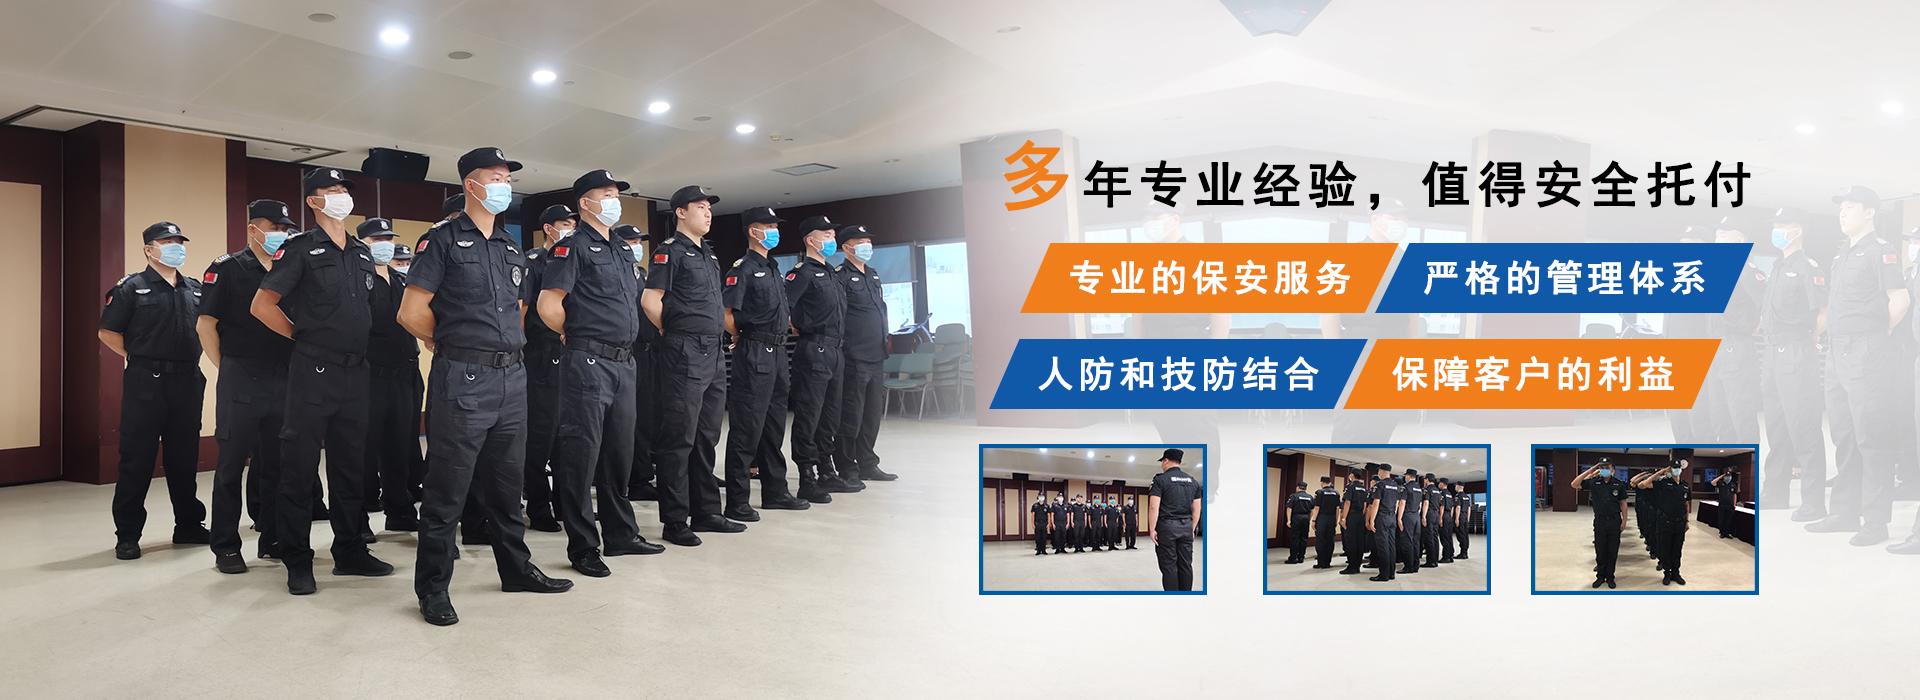 广西保安服务